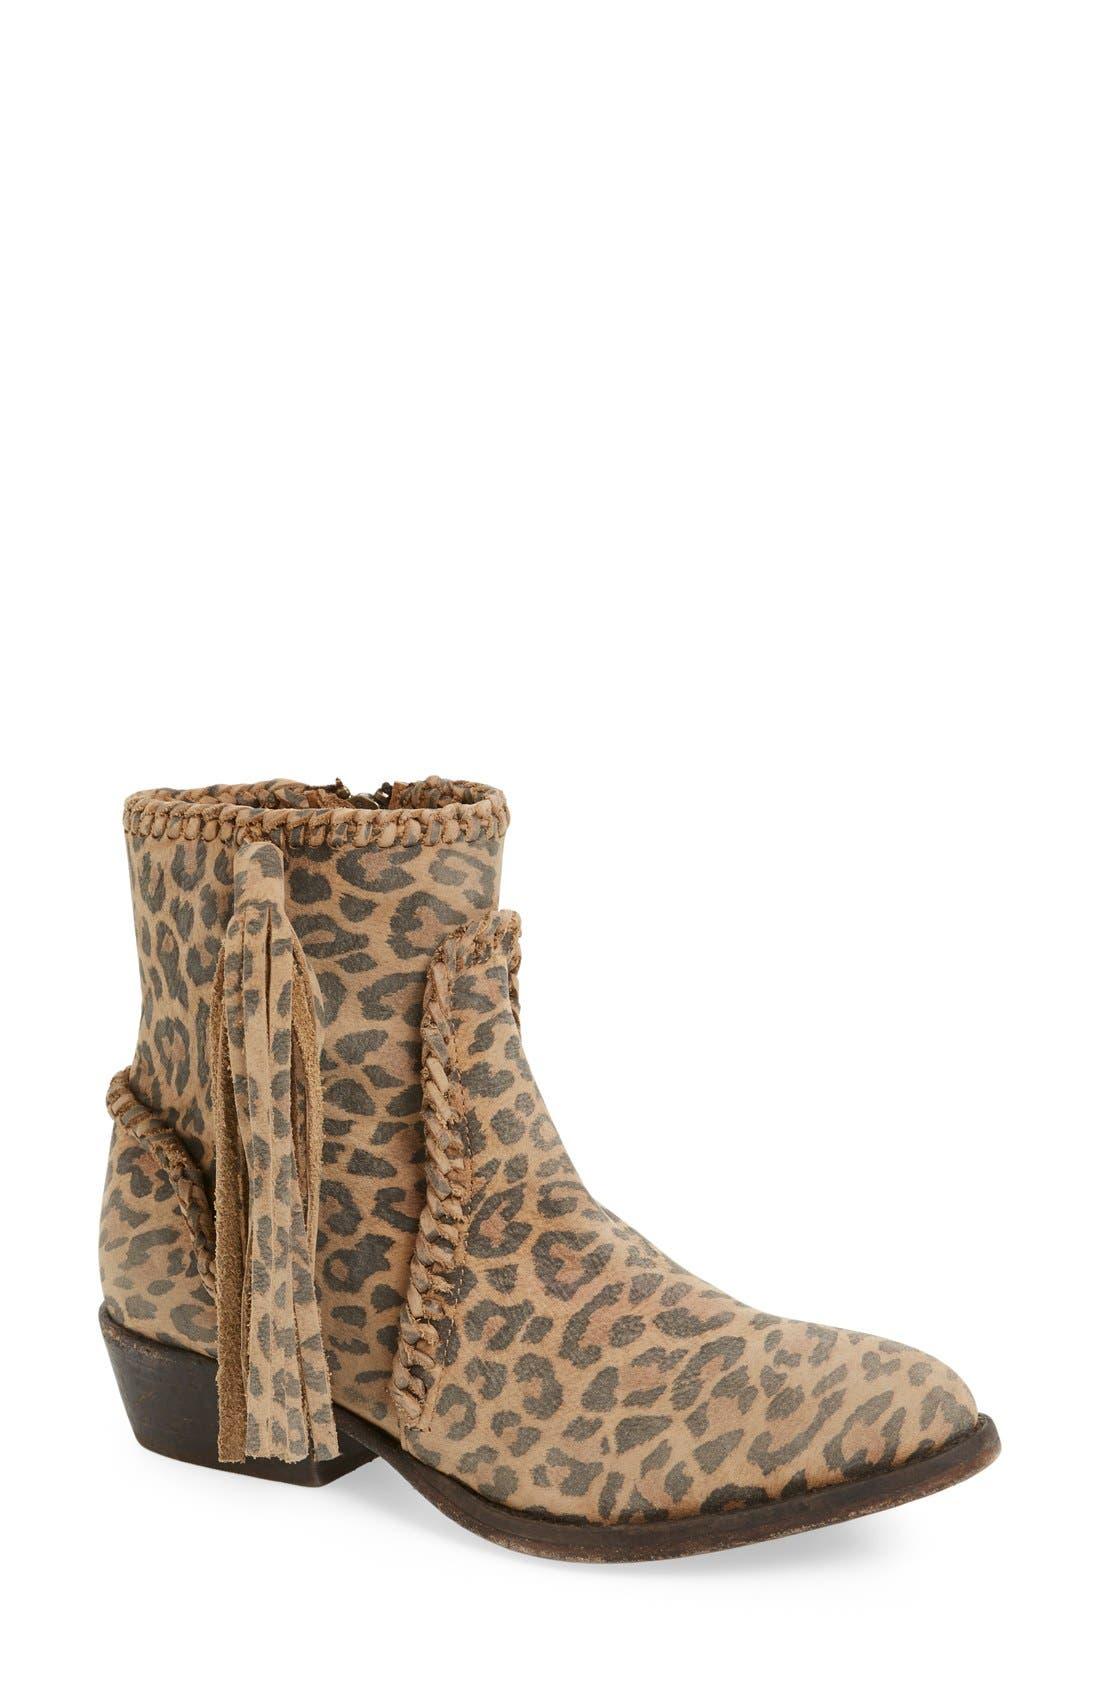 Main Image - Matisse 'Sibel' Leopard Print Western Bootie (Women)